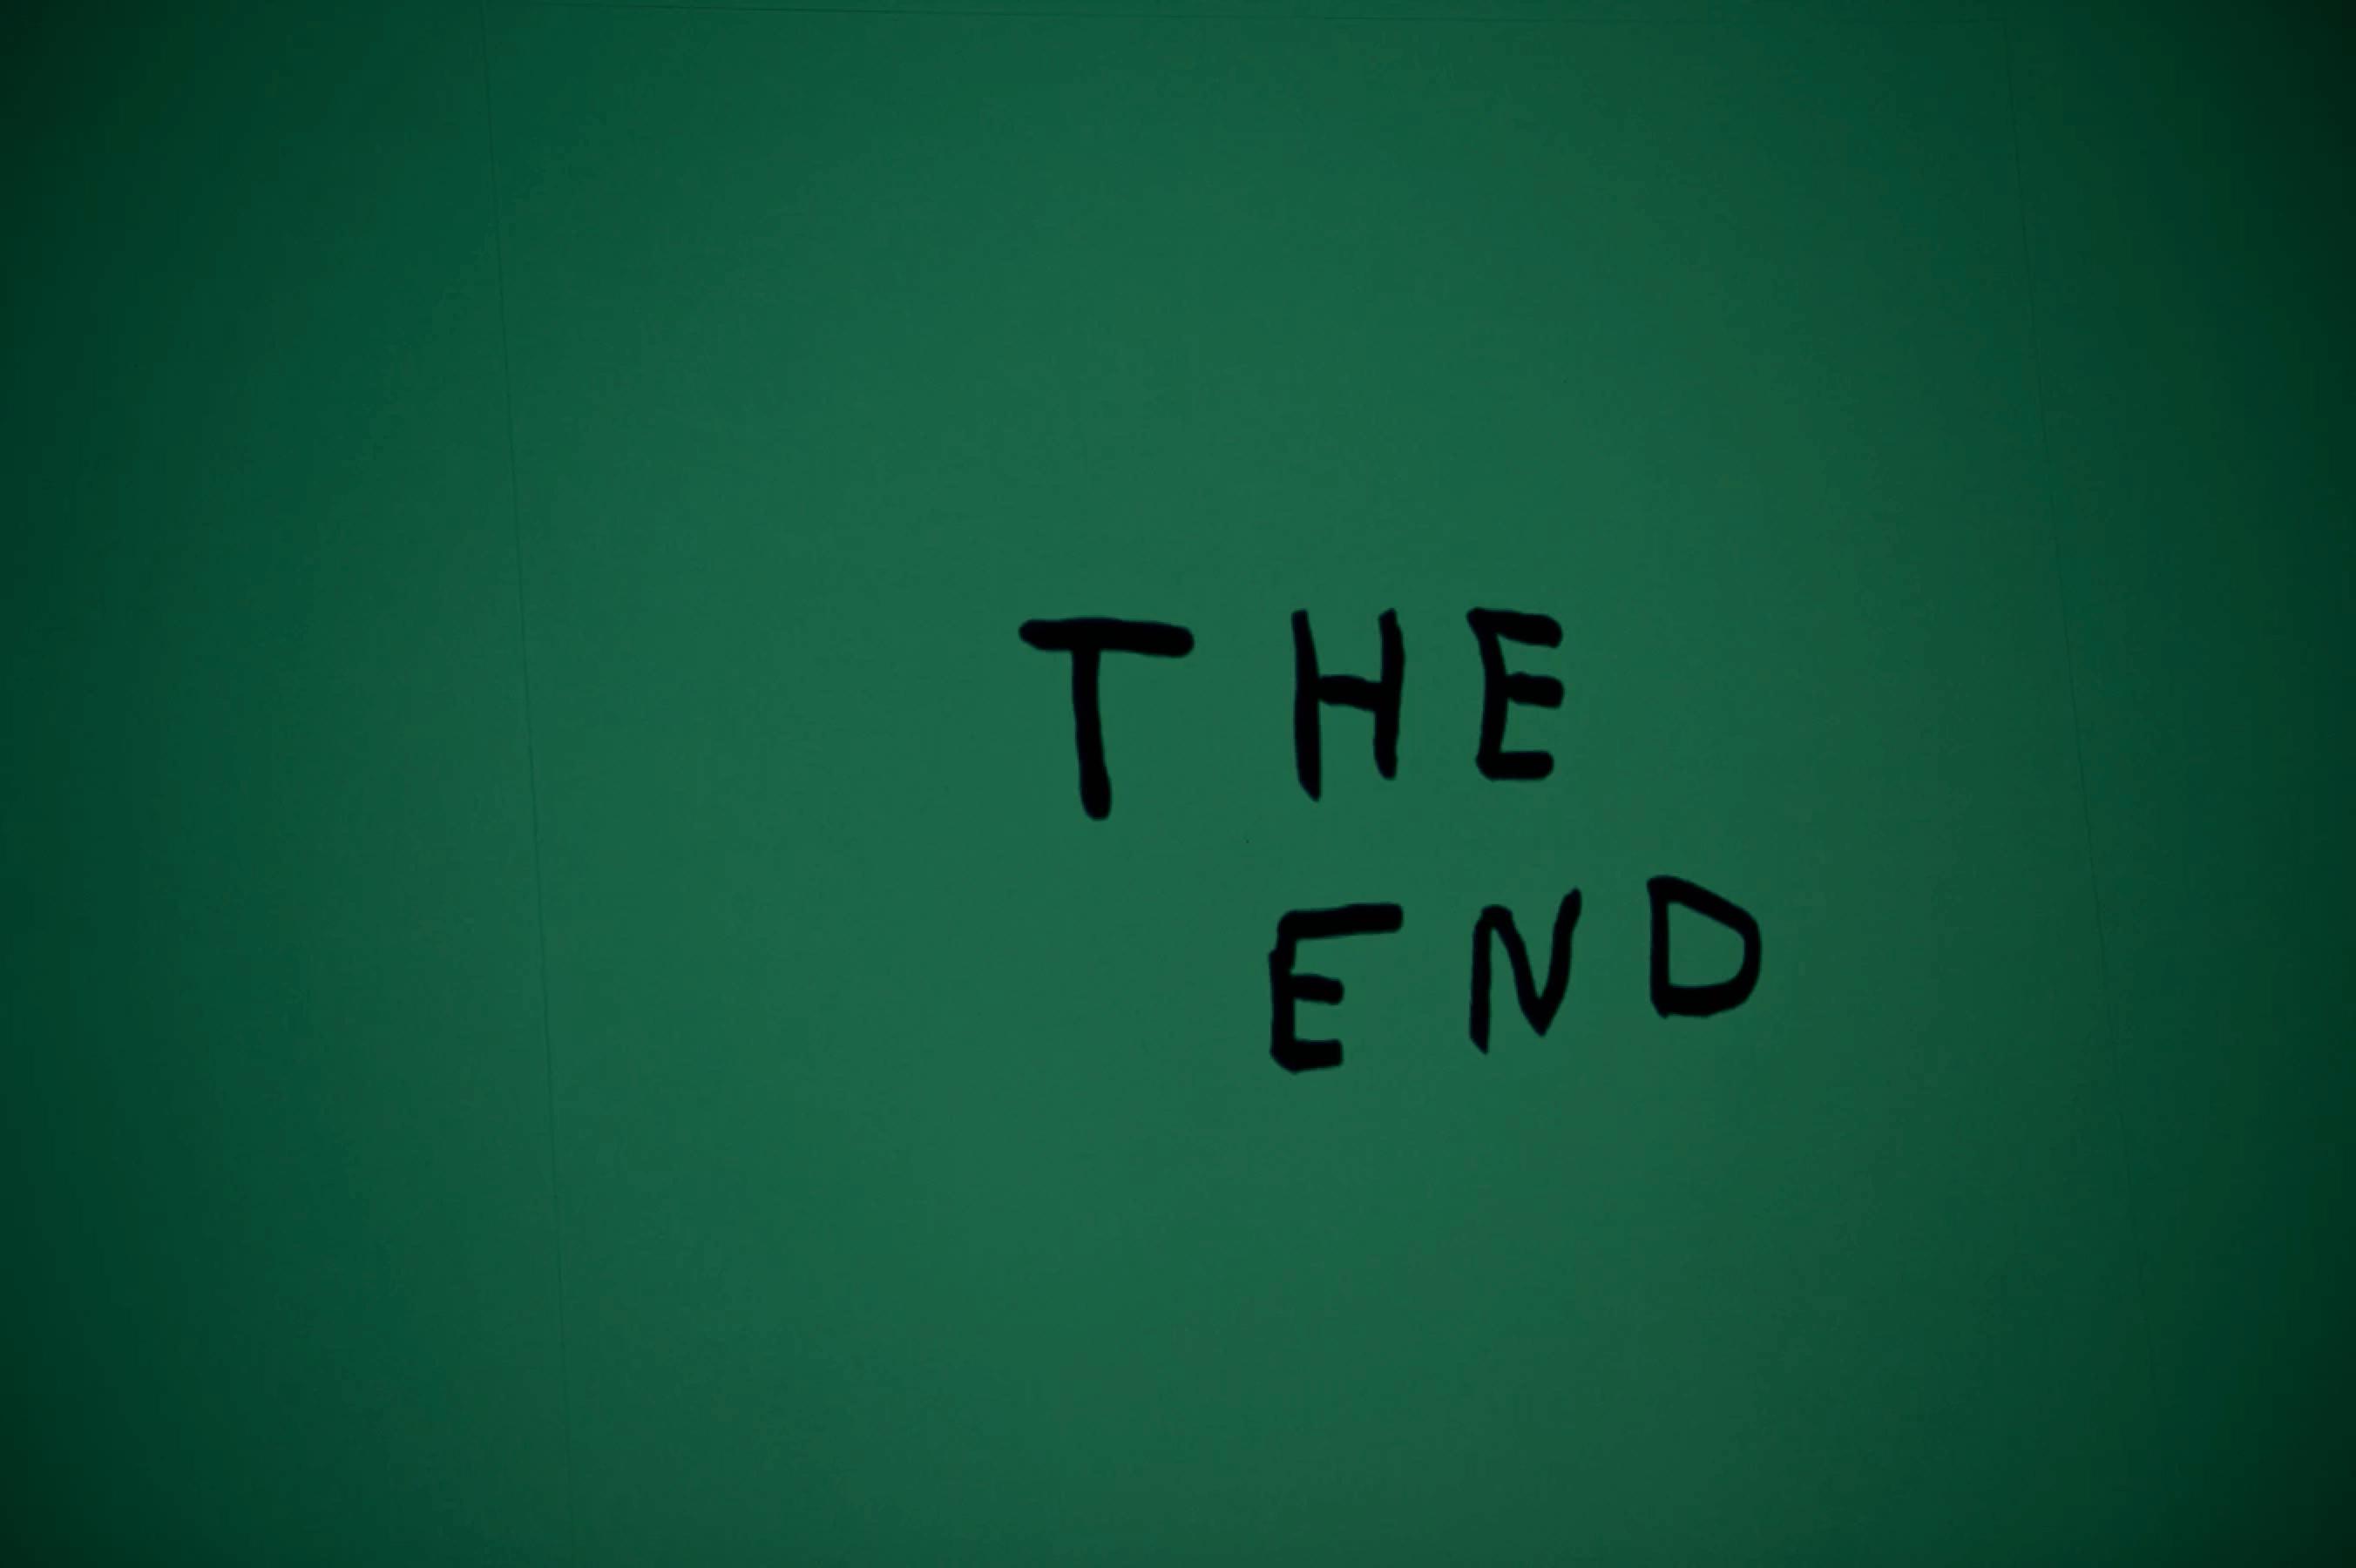 the end Hintergrund grün